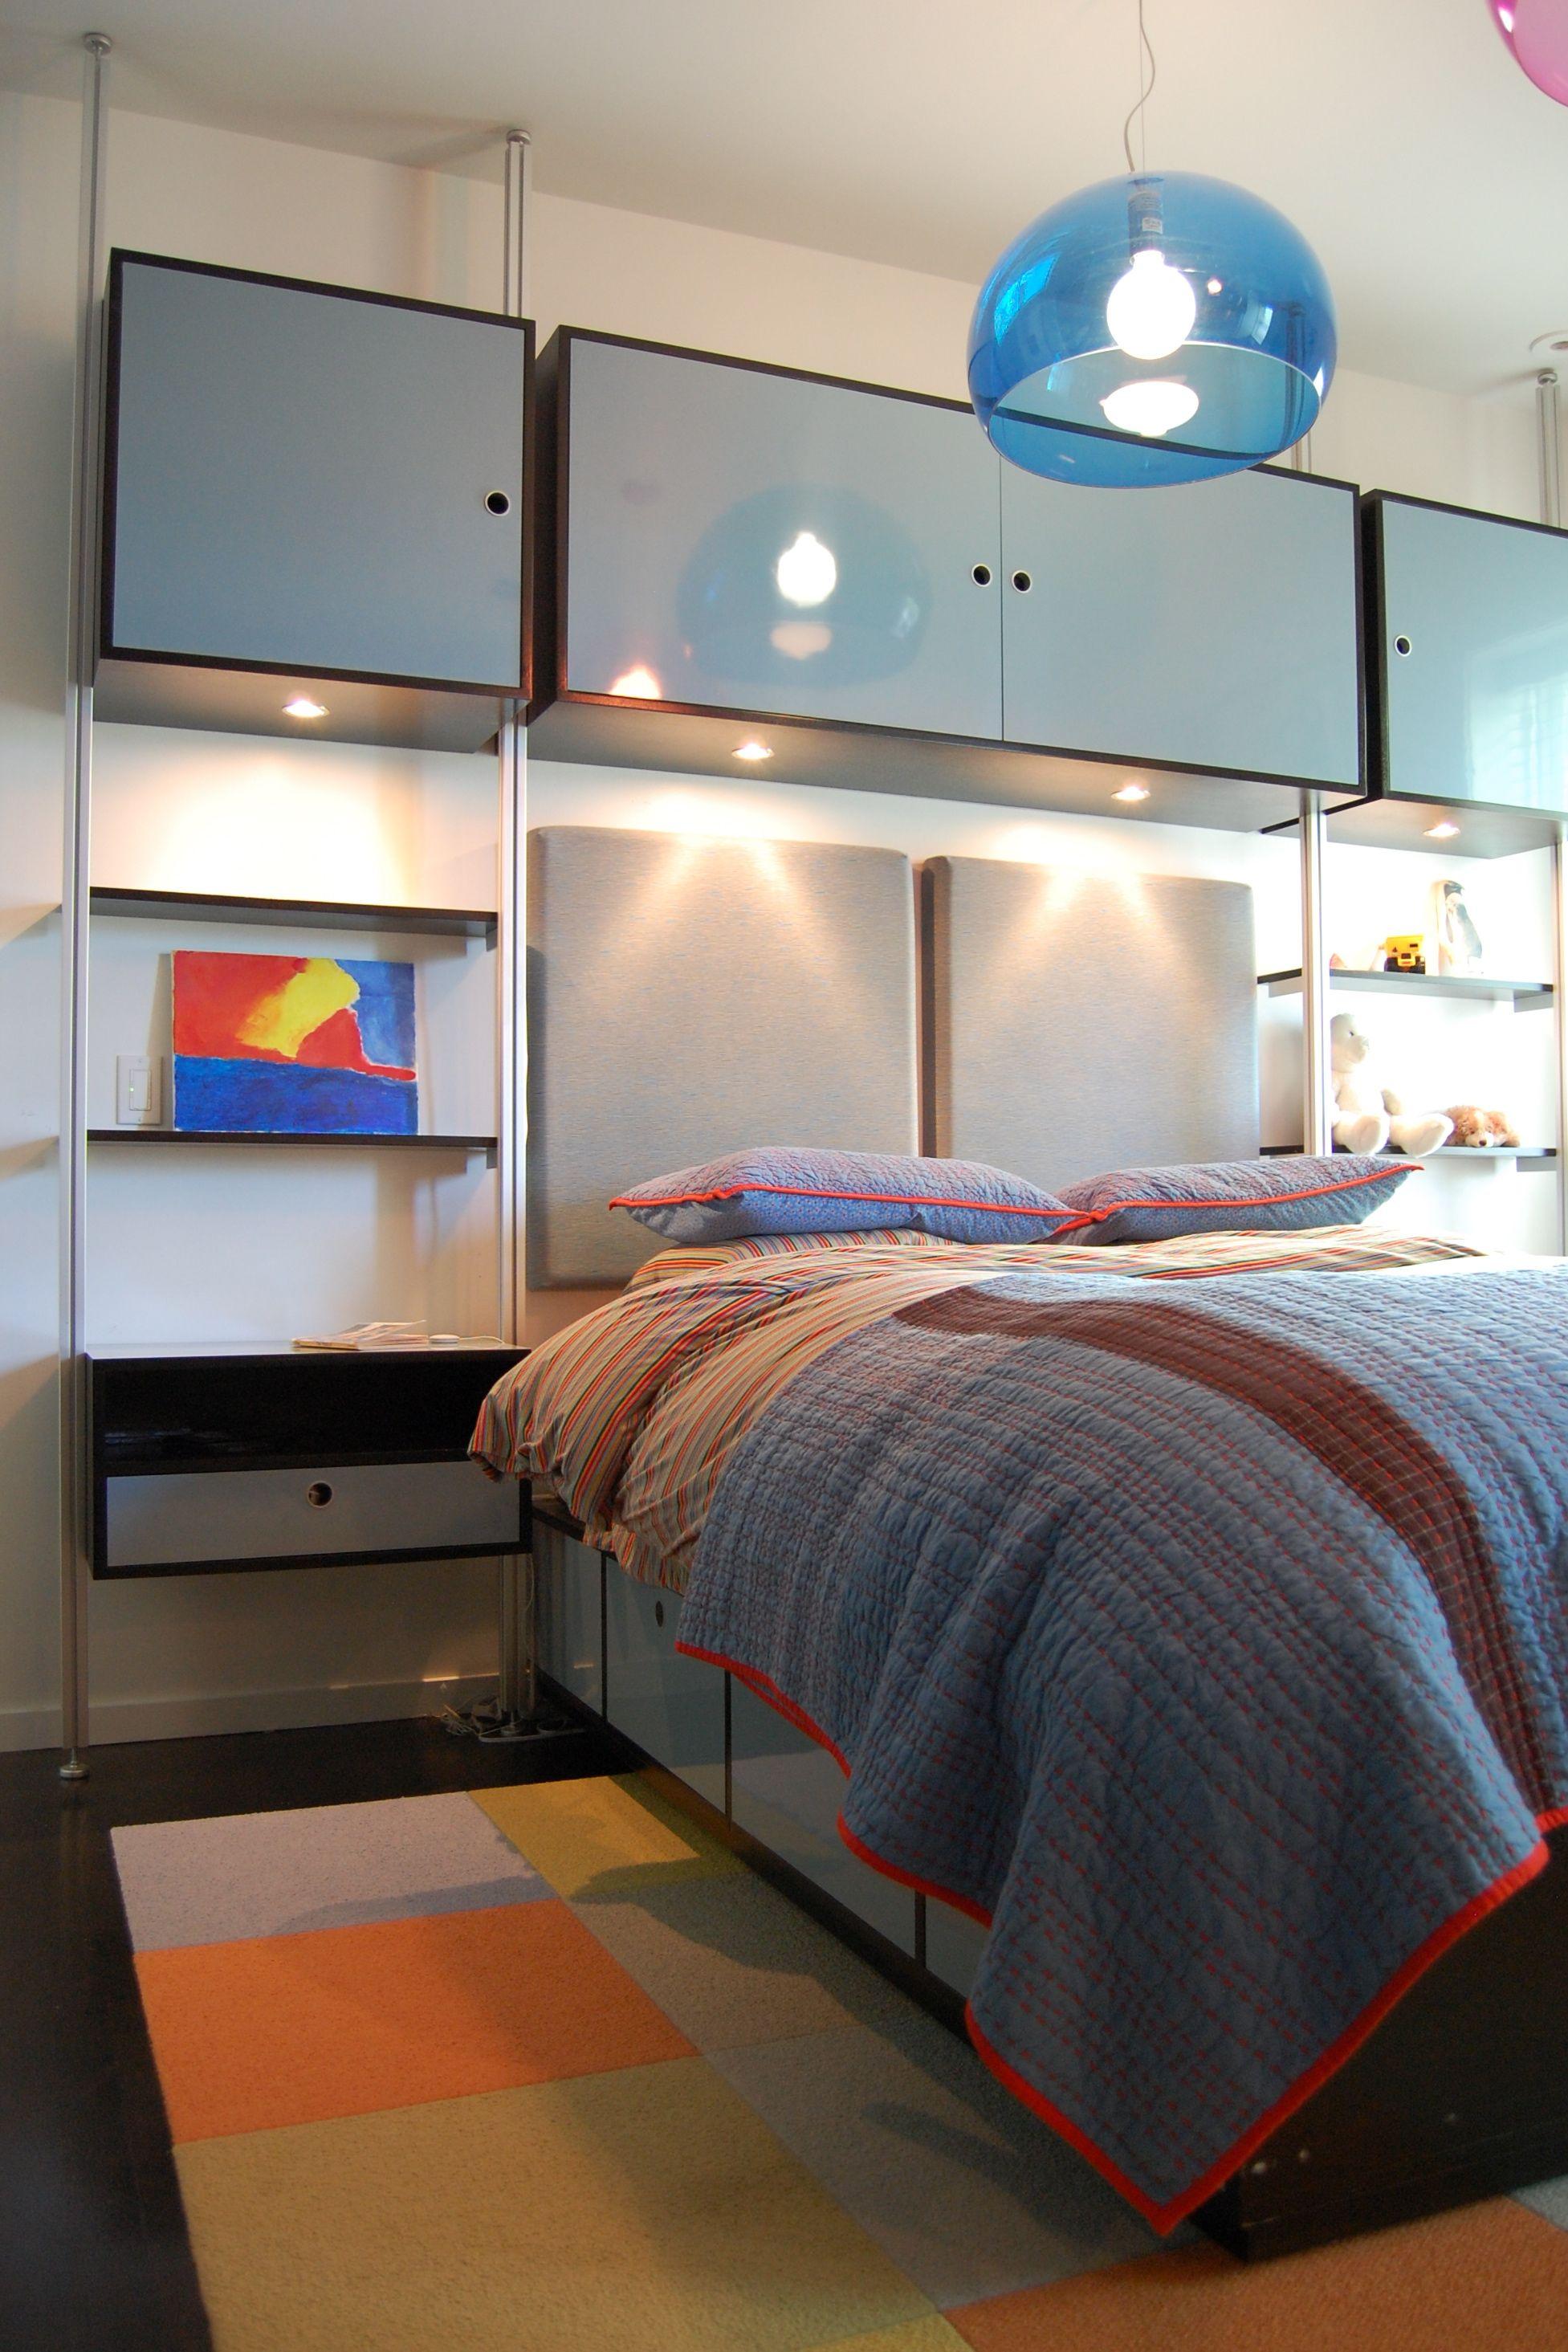 Moderne Decke Design Ideen Pop Decke Designs Fur Wohnzimmer Decke Decke Bilder Ideen Die Schlafzimmer Design Kinderzimmer Ideen Fur Jungen Schlafzimmer Ideen